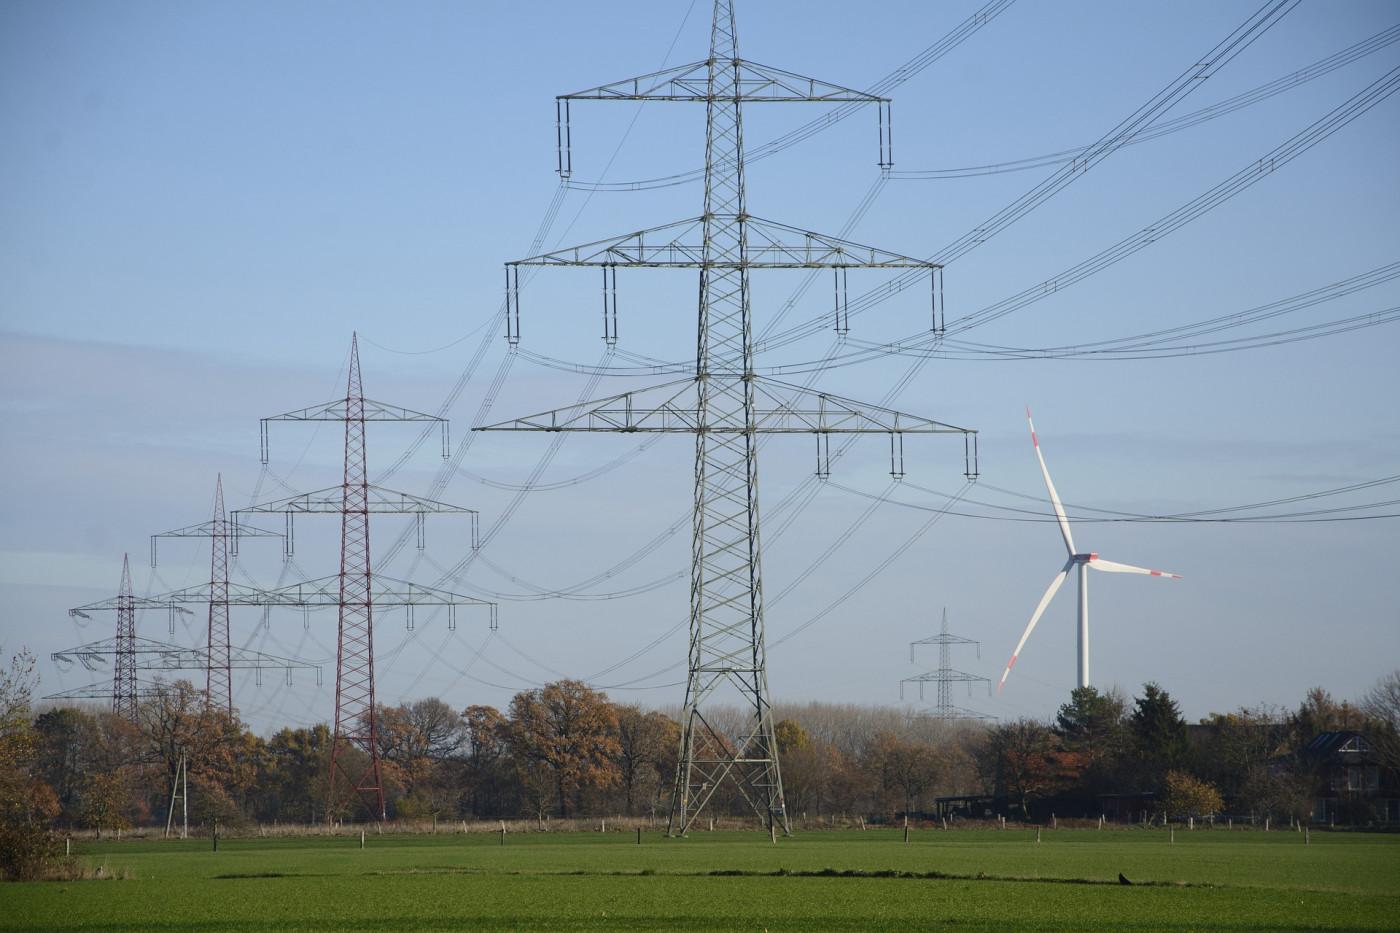 Postes com fios de luz em um cenário de um chão com gramas e céu azul. Do lado, um catavento de geração de energia eólica